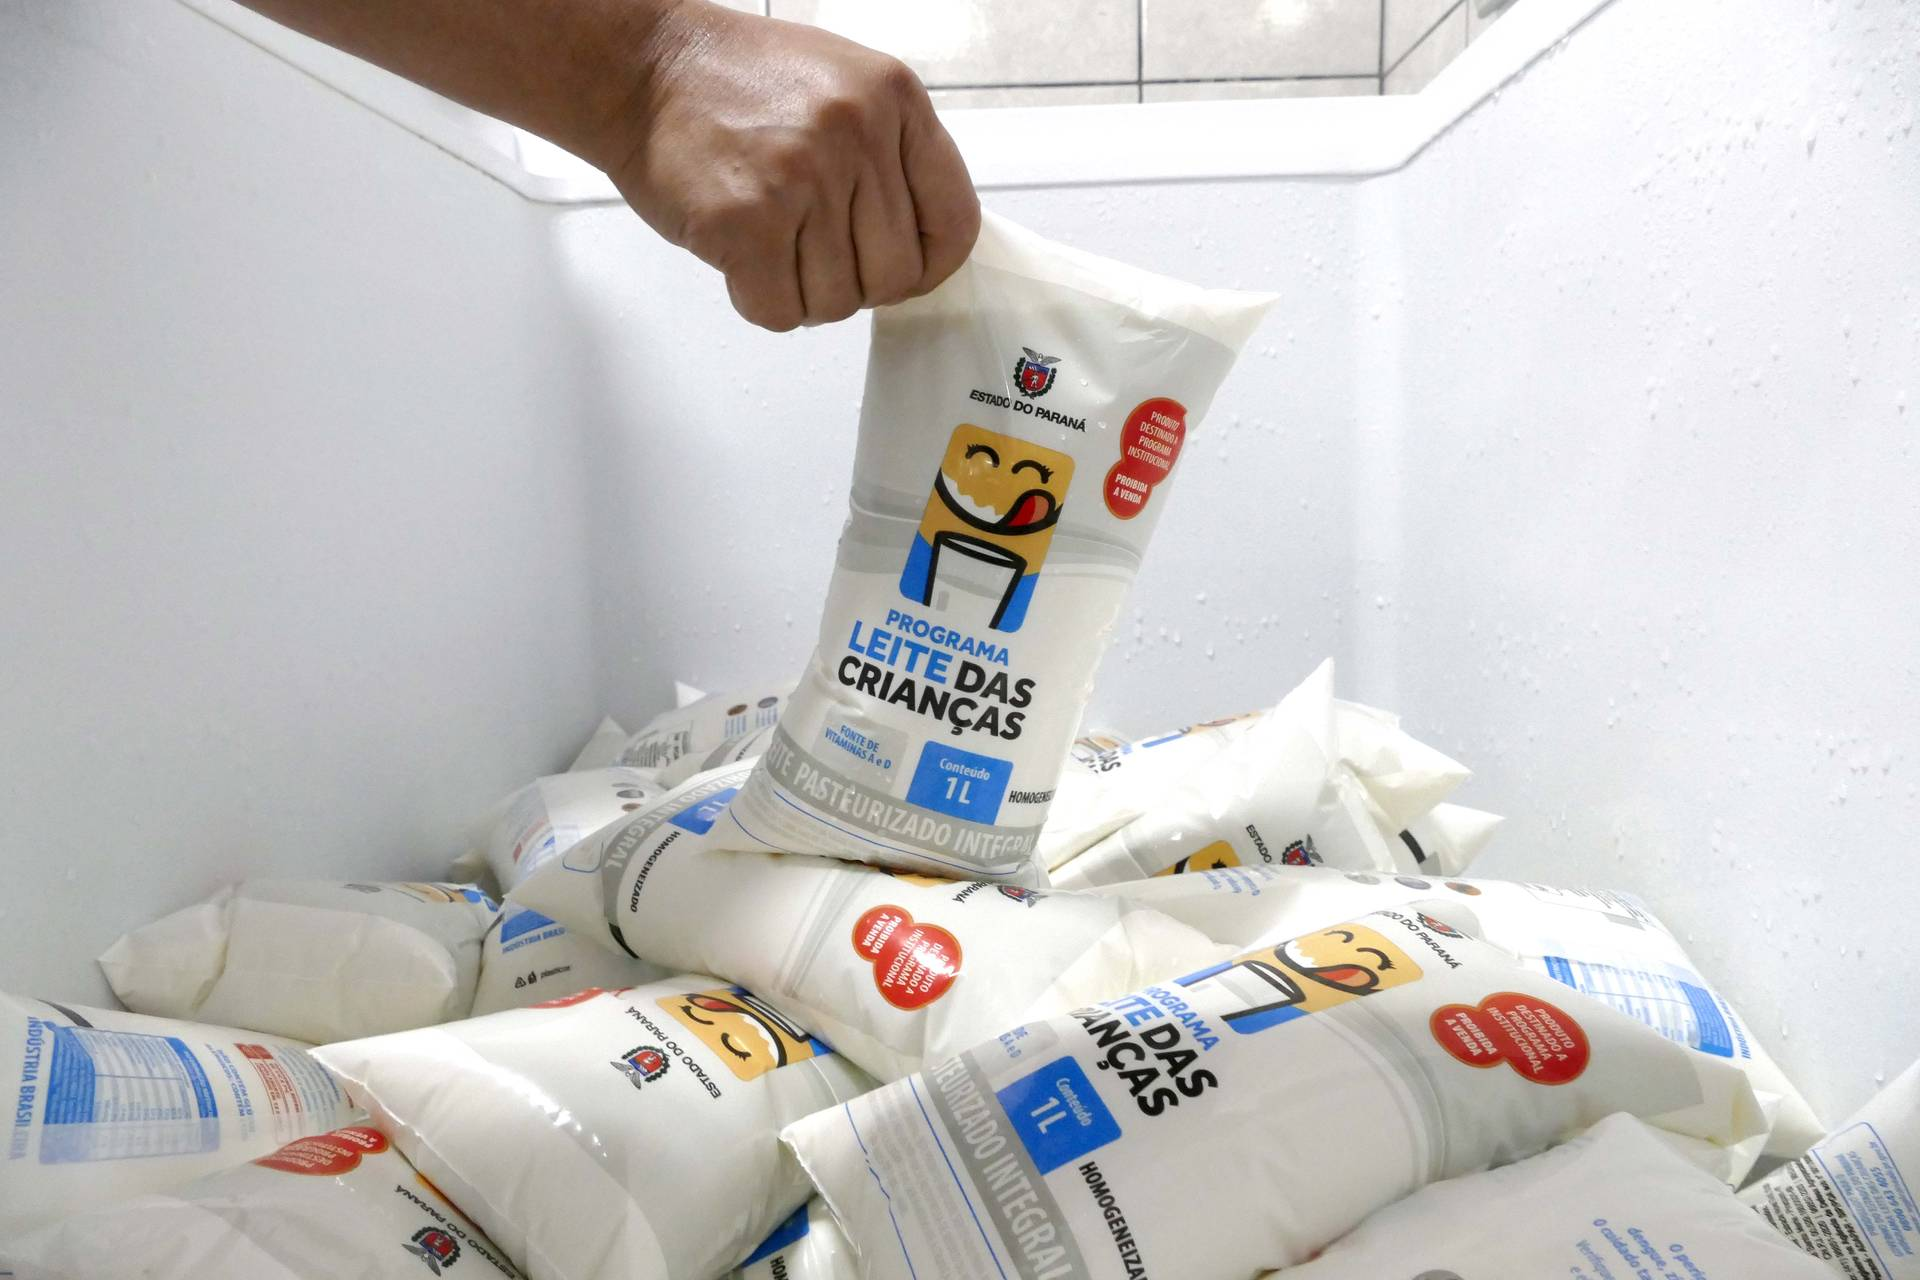 Programa está presente nos 399 municípios com atendimento a 120 mil crianças de seis a 36 meses. Além da saúde das crianças, beneficia a pecuária leiteira.